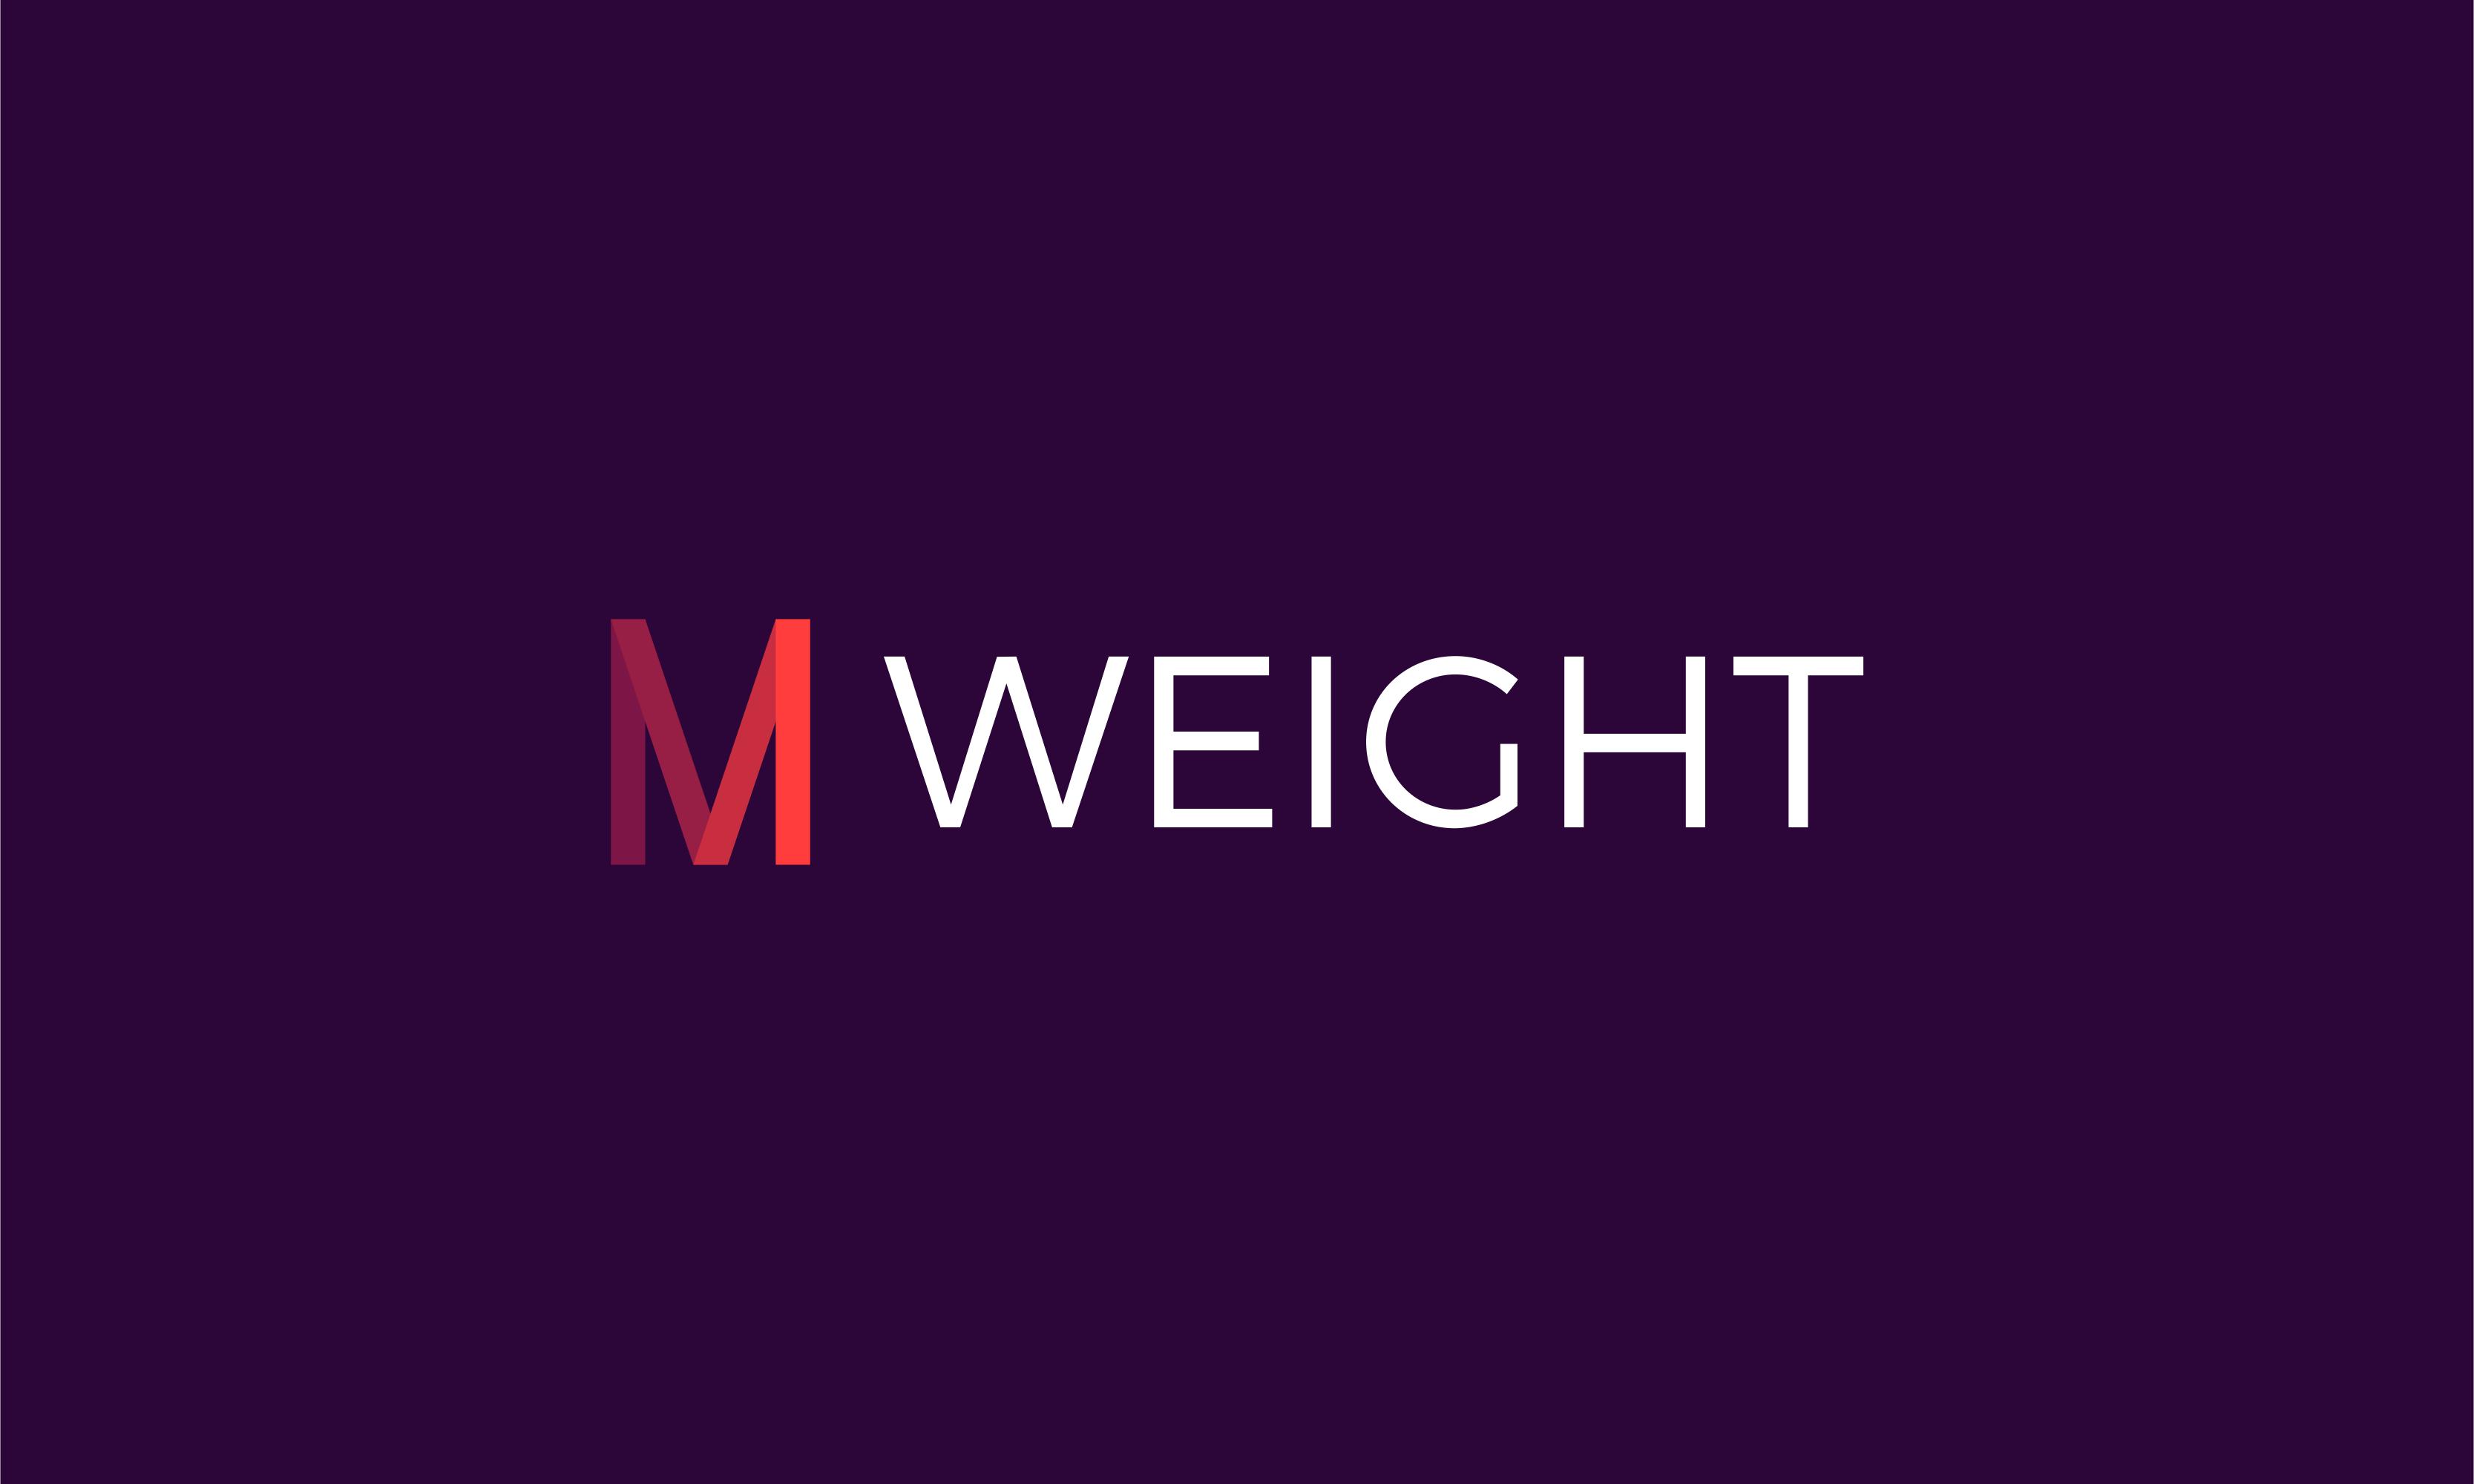 Mweight